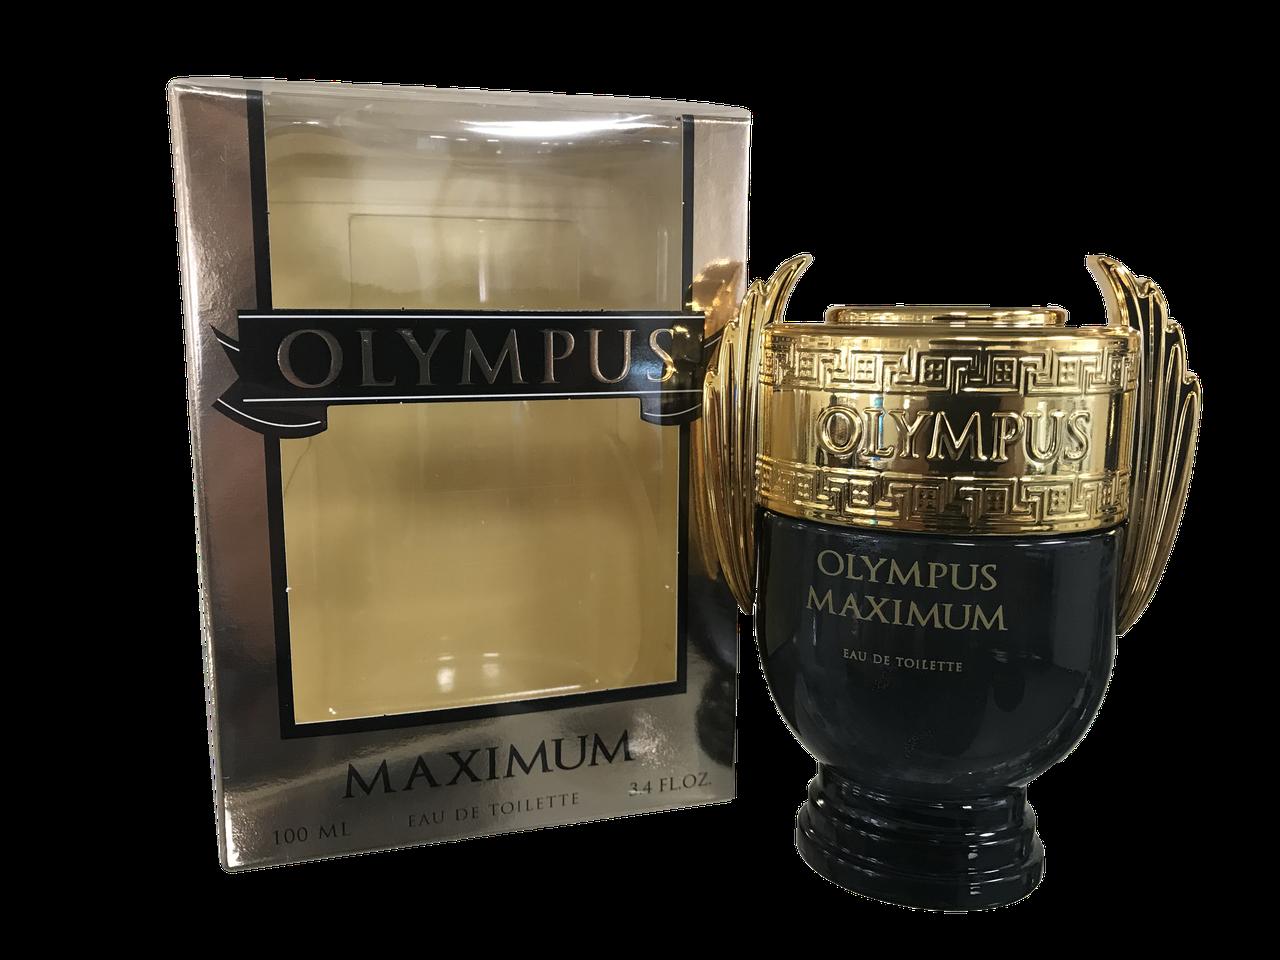 Olympus Maximum Art Parfum